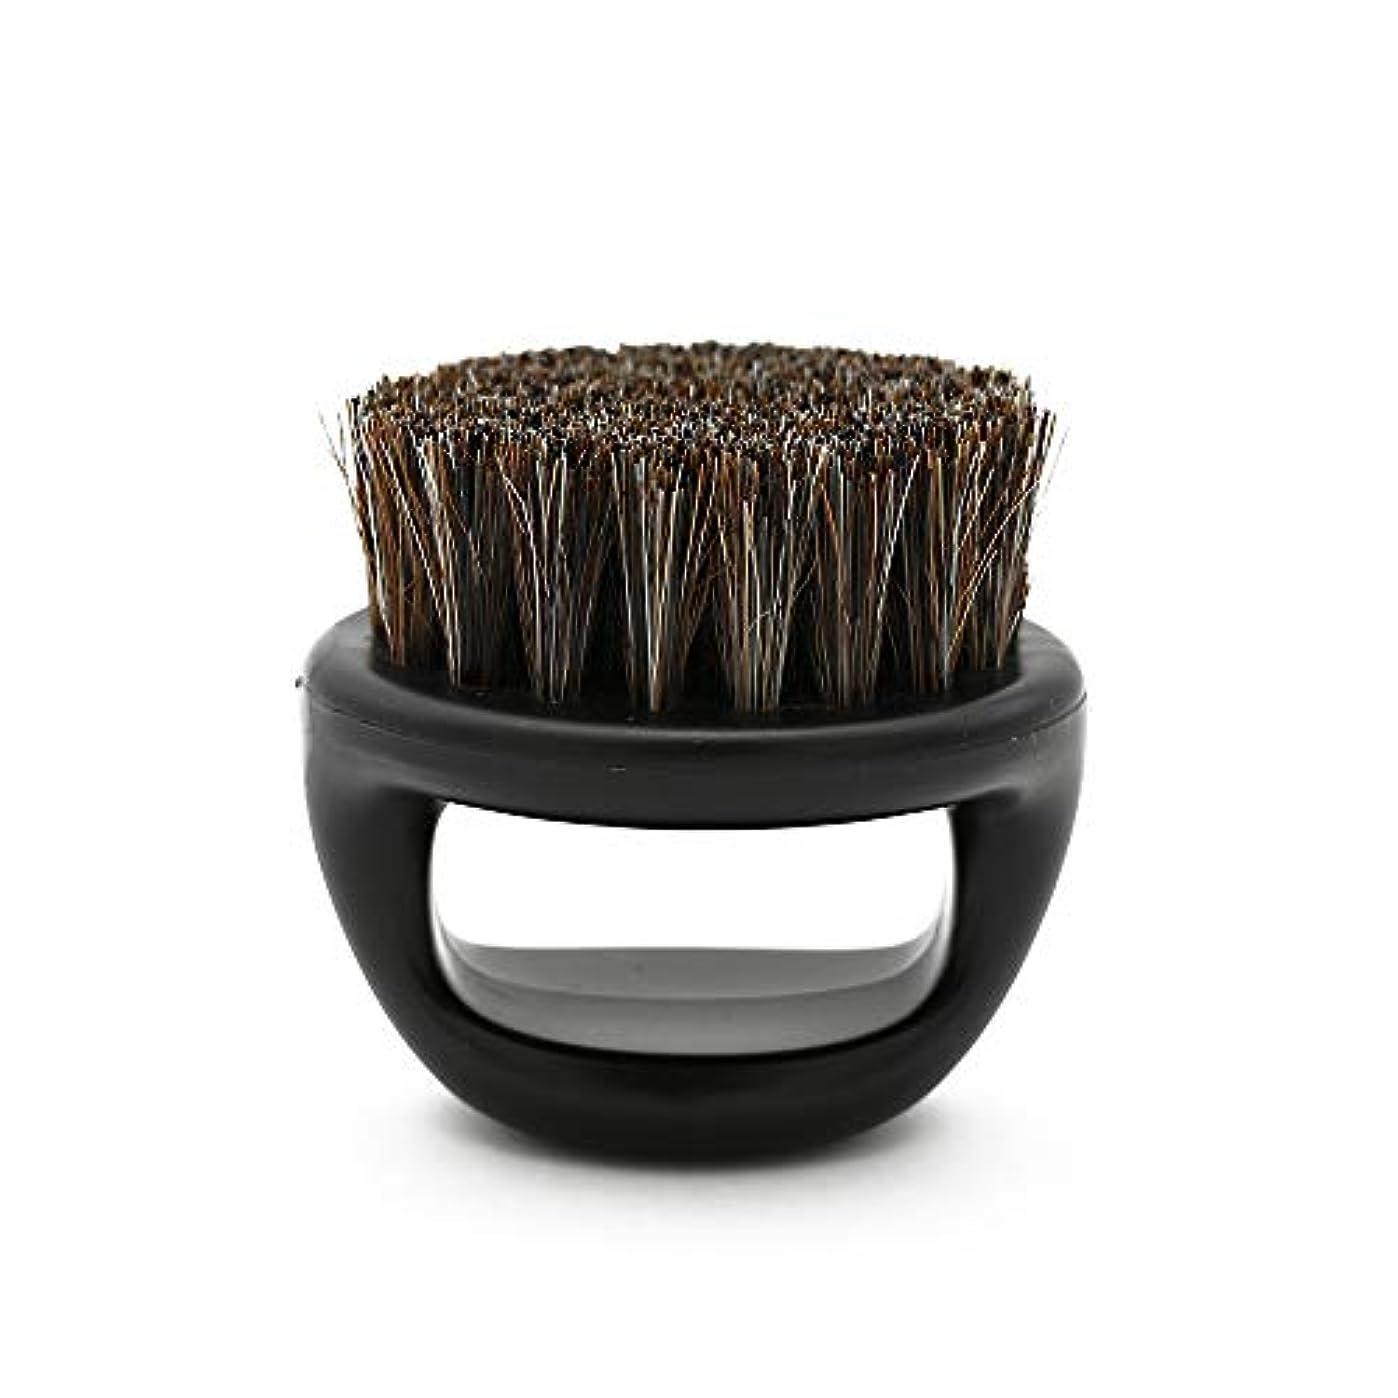 診療所お金あらゆる種類のCUHAWUDBA 1個リングデザイン馬毛メンズシェービングブラシプラスチック製の可搬式理容ひげブラシサロンフェイスクリーニングかみそりブラシ(ブラック)